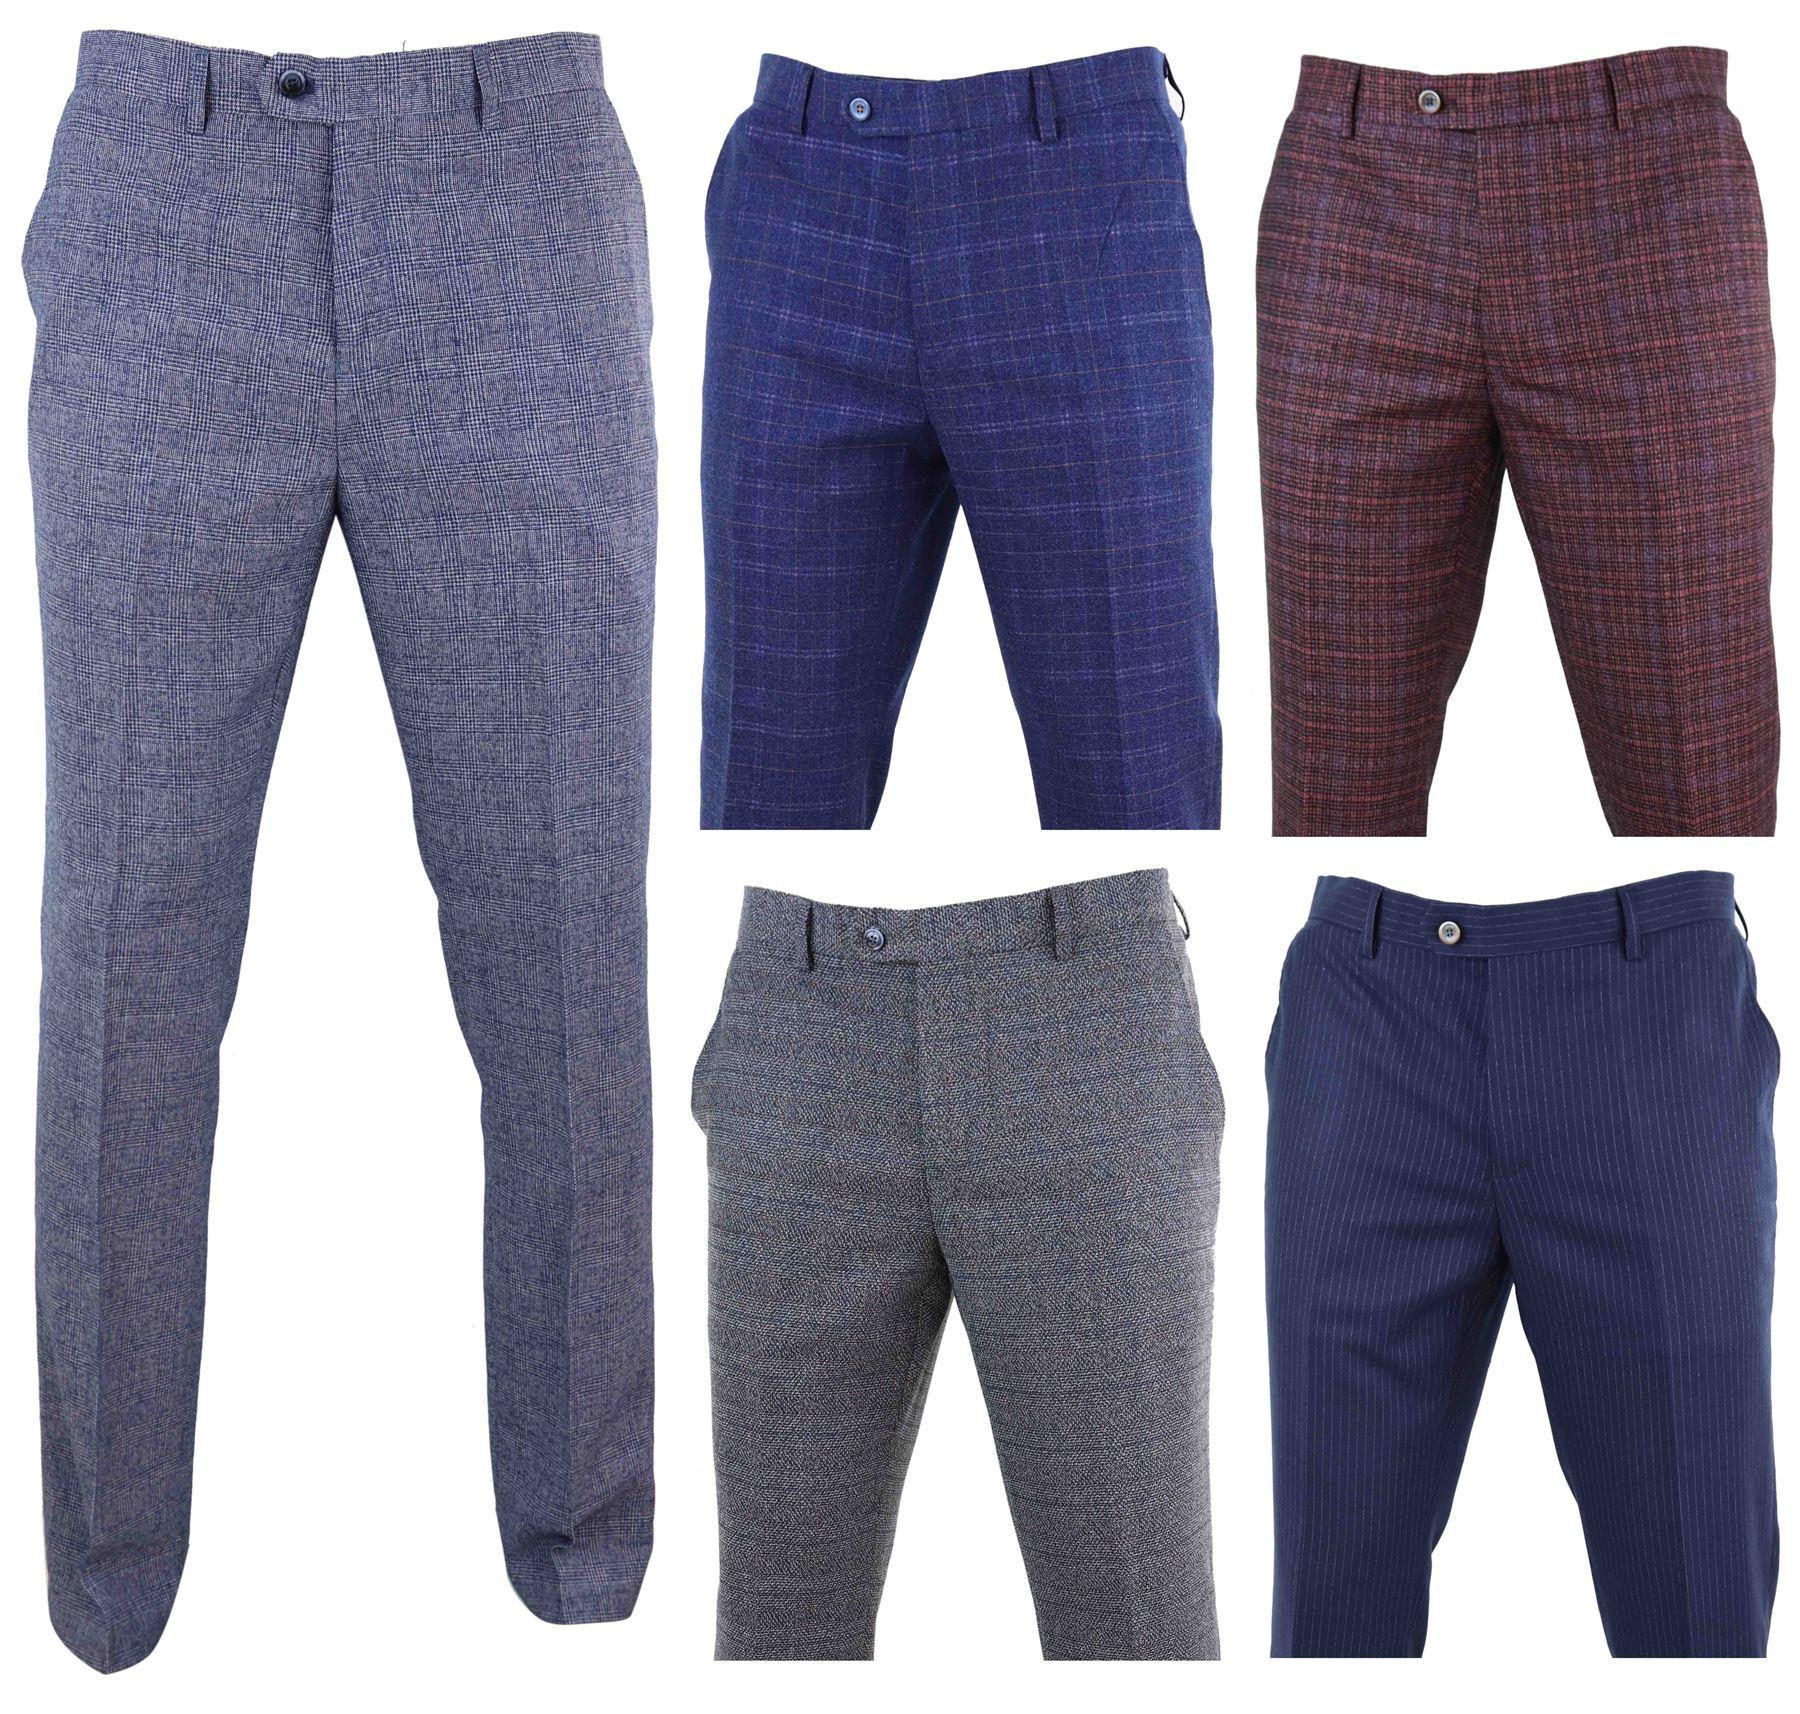 a9a7f2e13f Dettagli su Pantaloni Vintage Da Uomo In Lana Fatti Su Misura Lunghezza  Regular